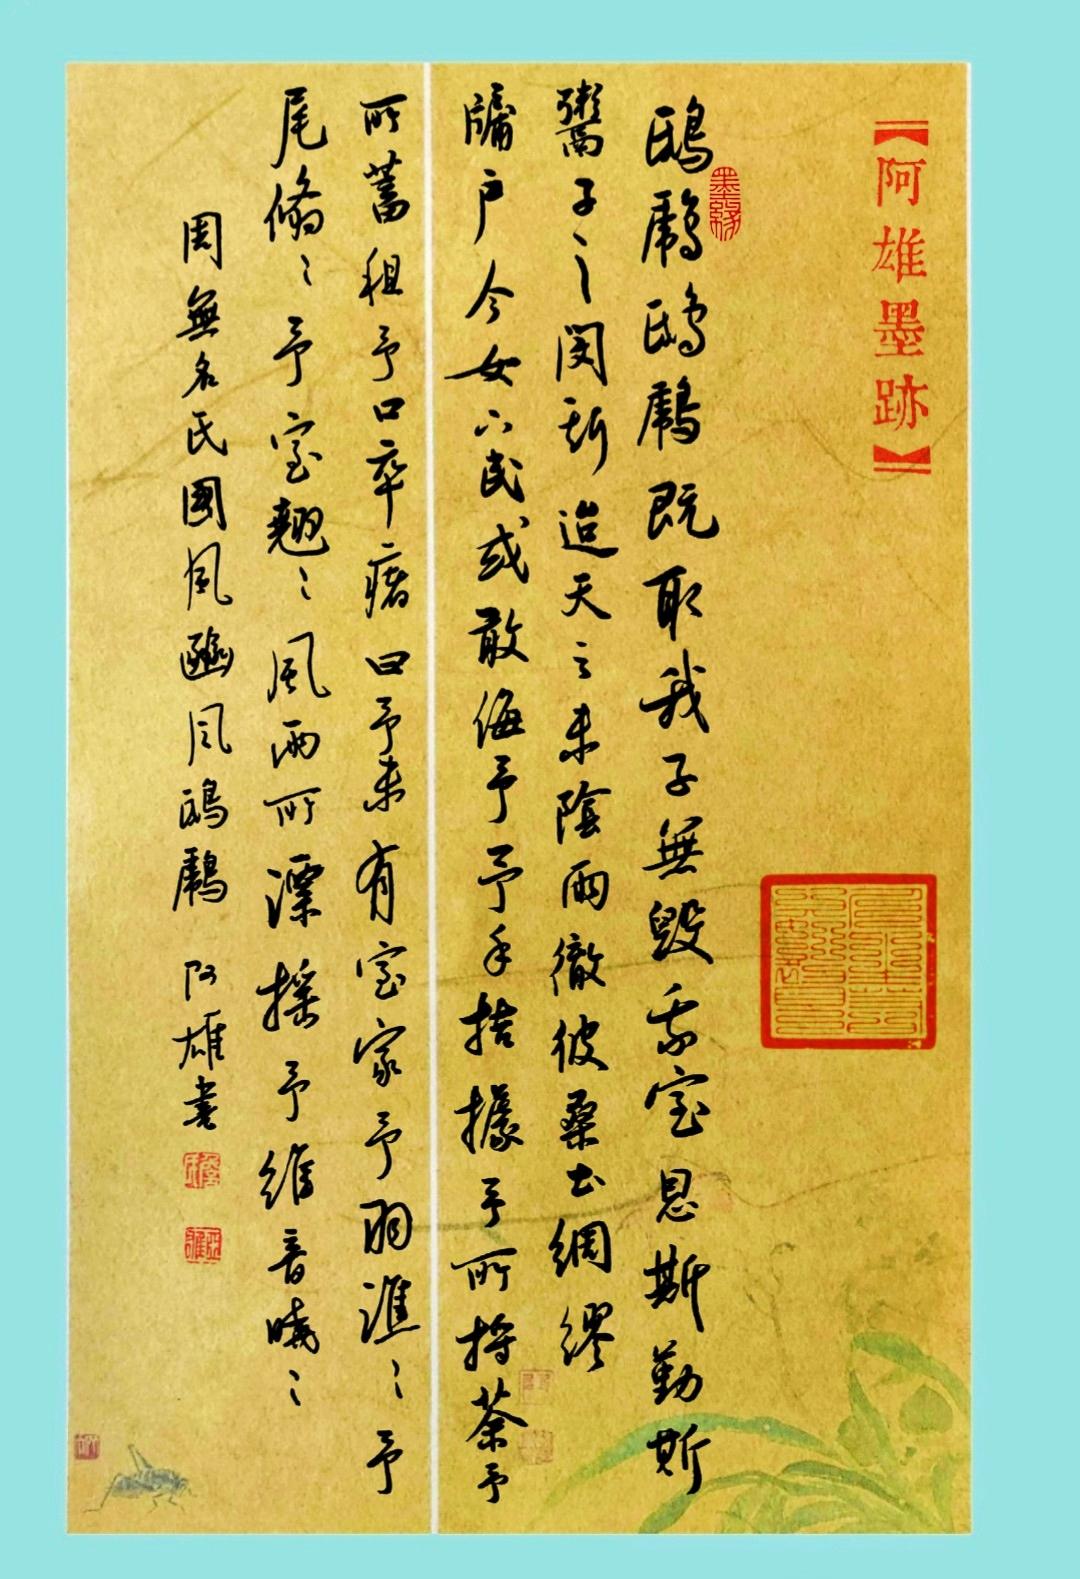 钢笔书法练字打卡20210427-23